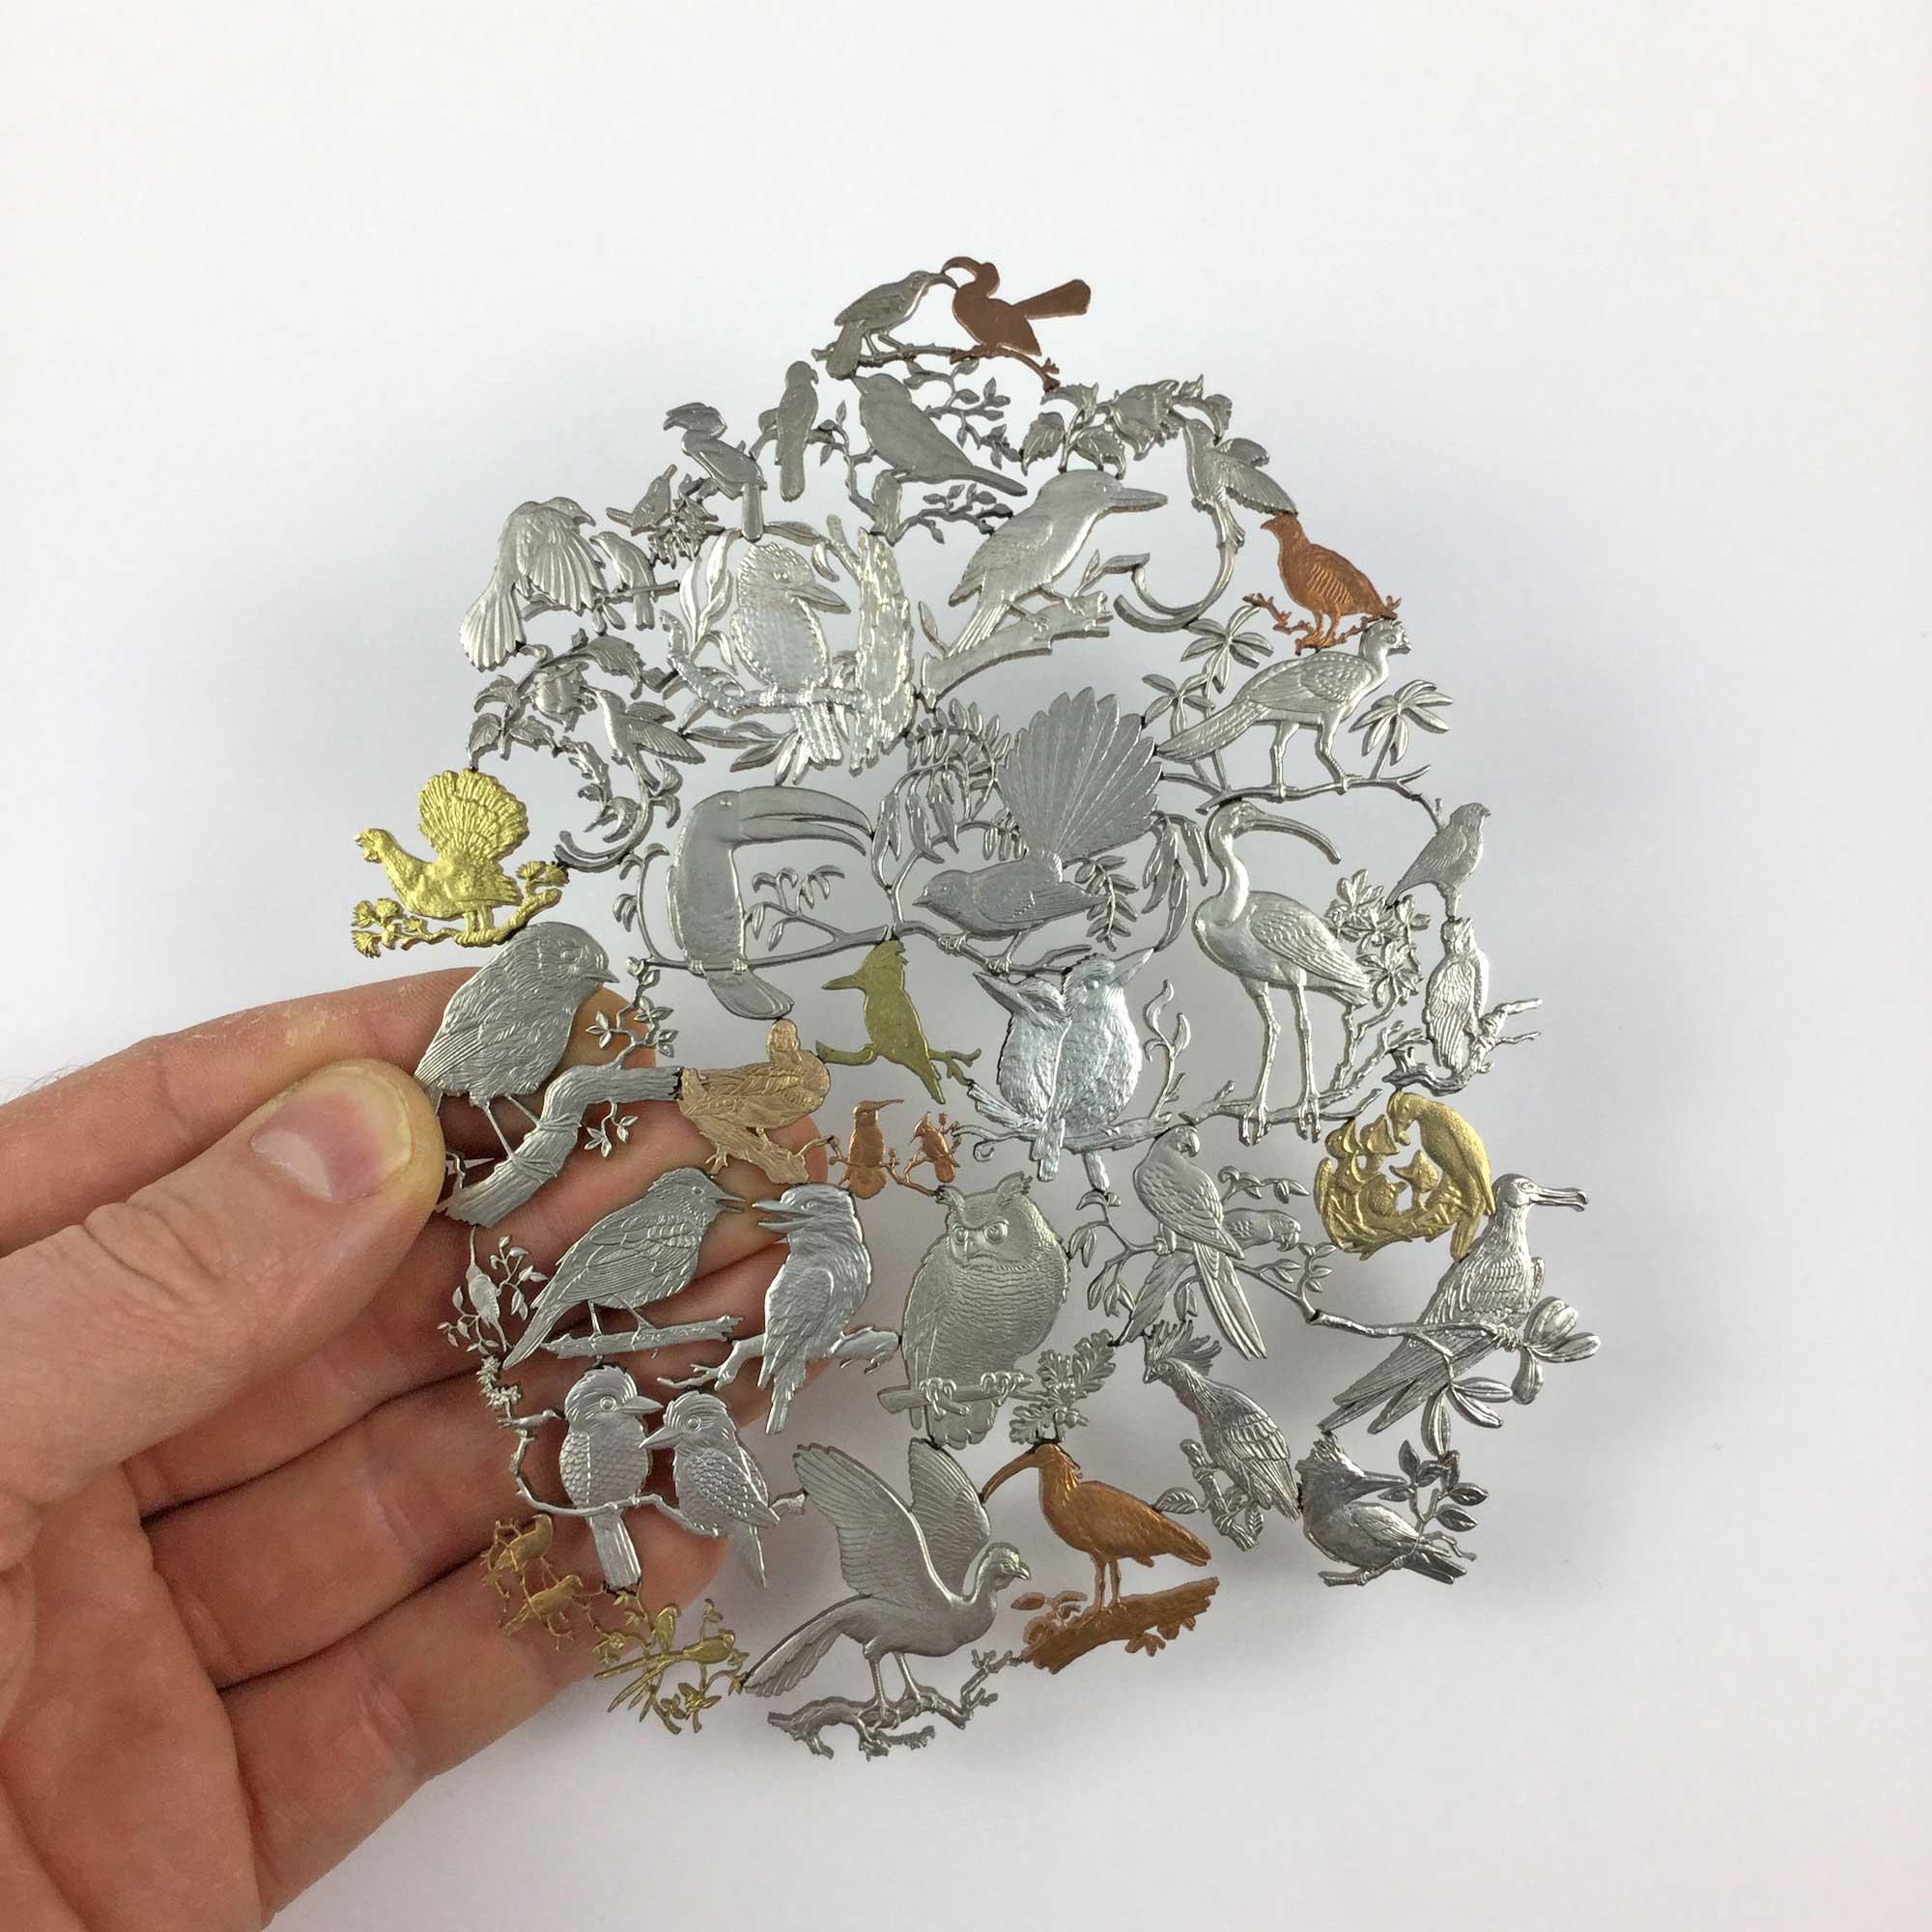 Micah Adams sägt Motive aus Münzen Micah-Adams_muenzkunst_05